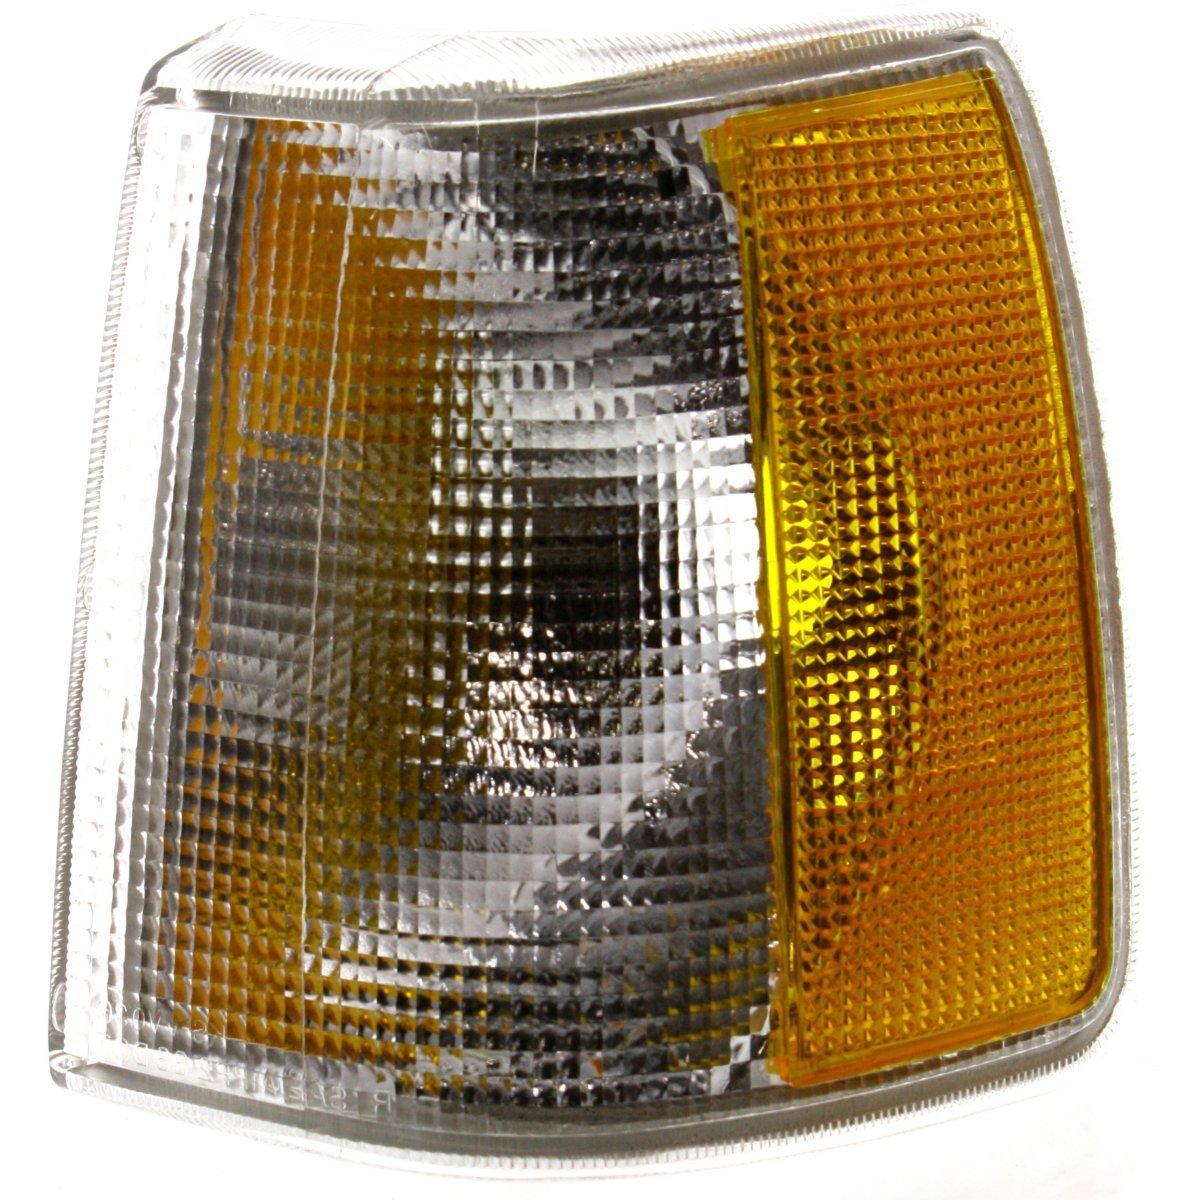 コーナーライト Parking Light For 91-95 Volvo 940 90-92 740 Driver Side パーキングライト91-95 Volvo 940 90-92 740ドライバーサイド